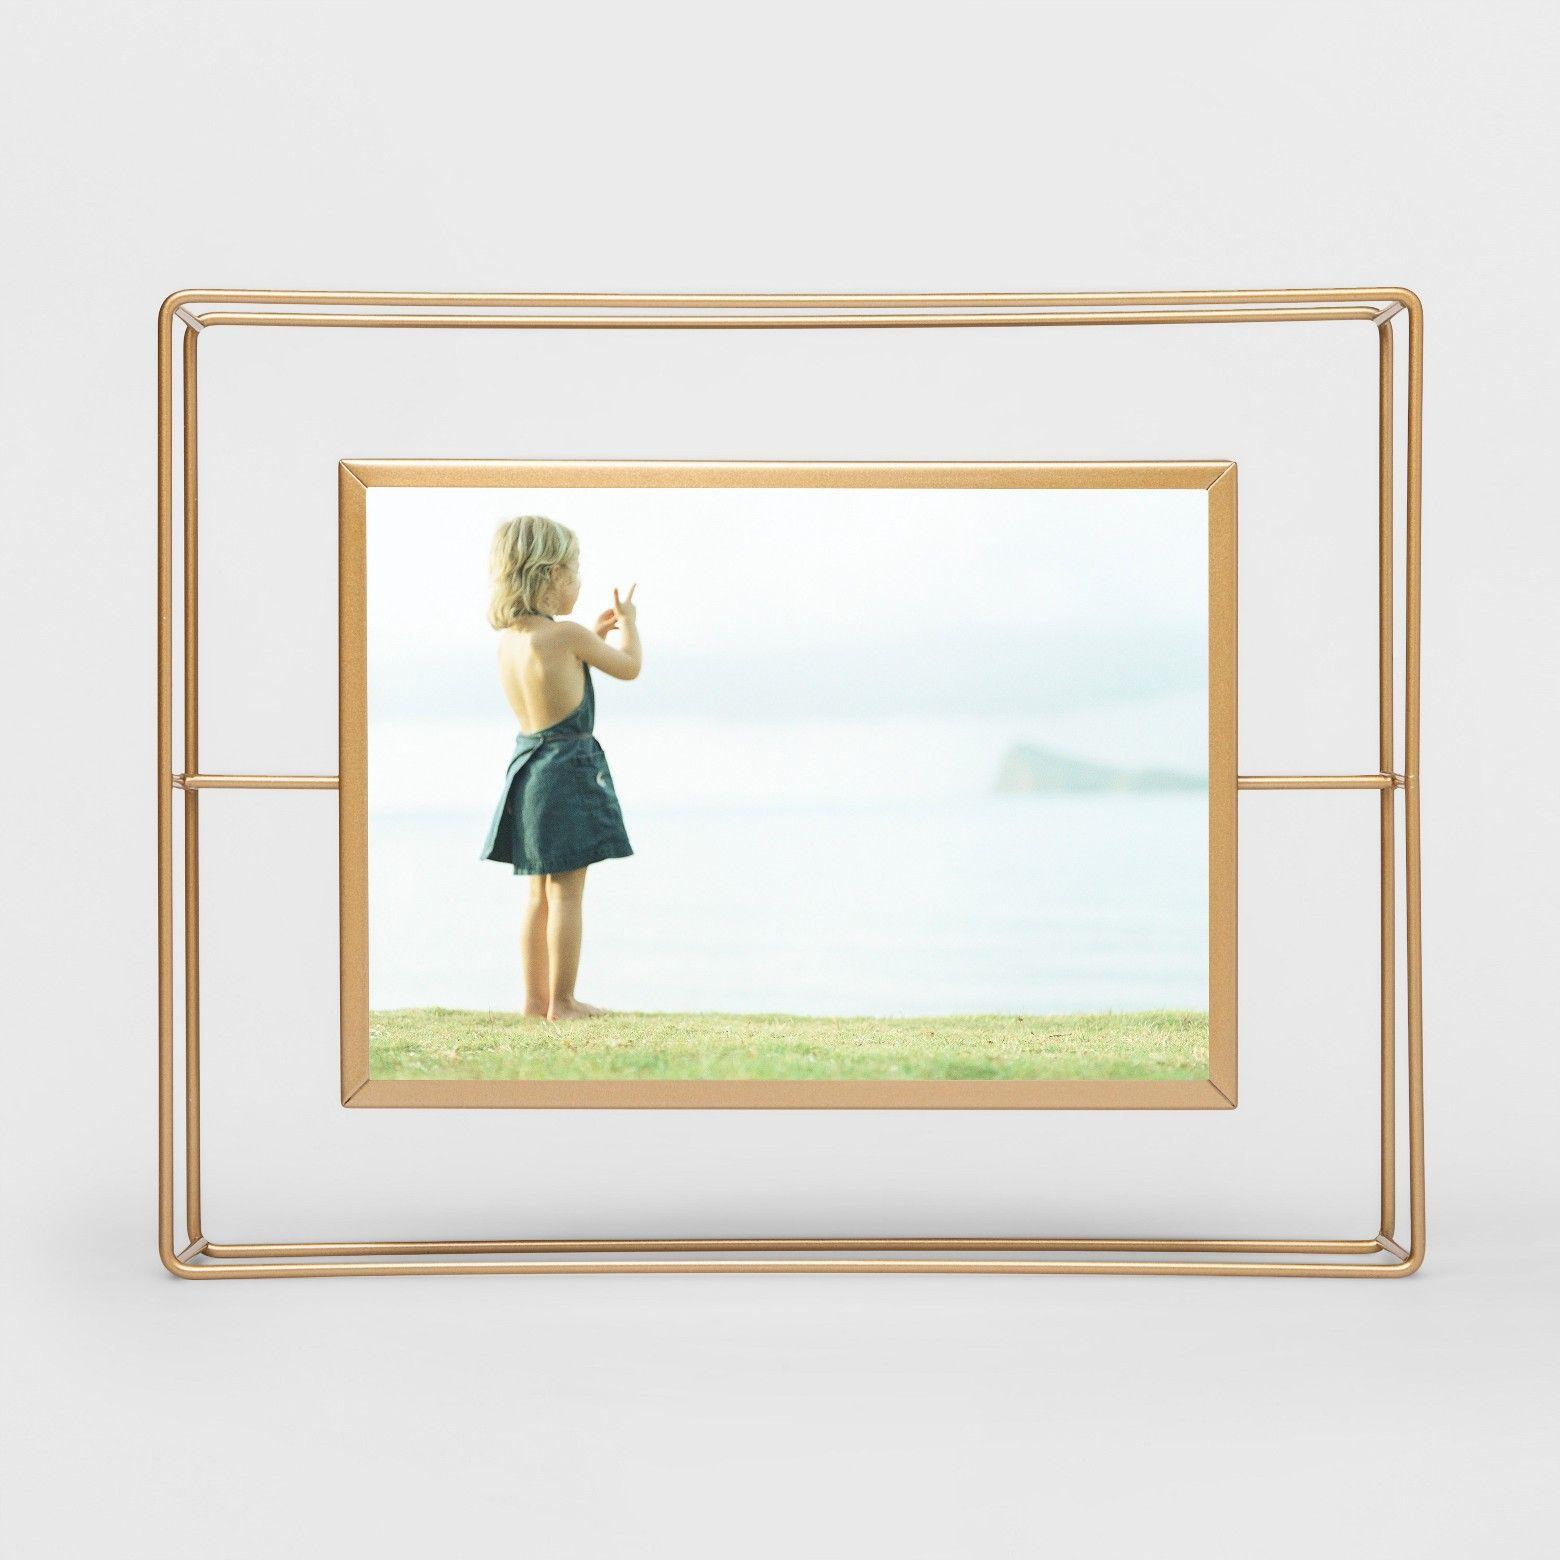 Ungewöhnlich Doppelseitiges Frames Fotos - Rahmen Ideen ...